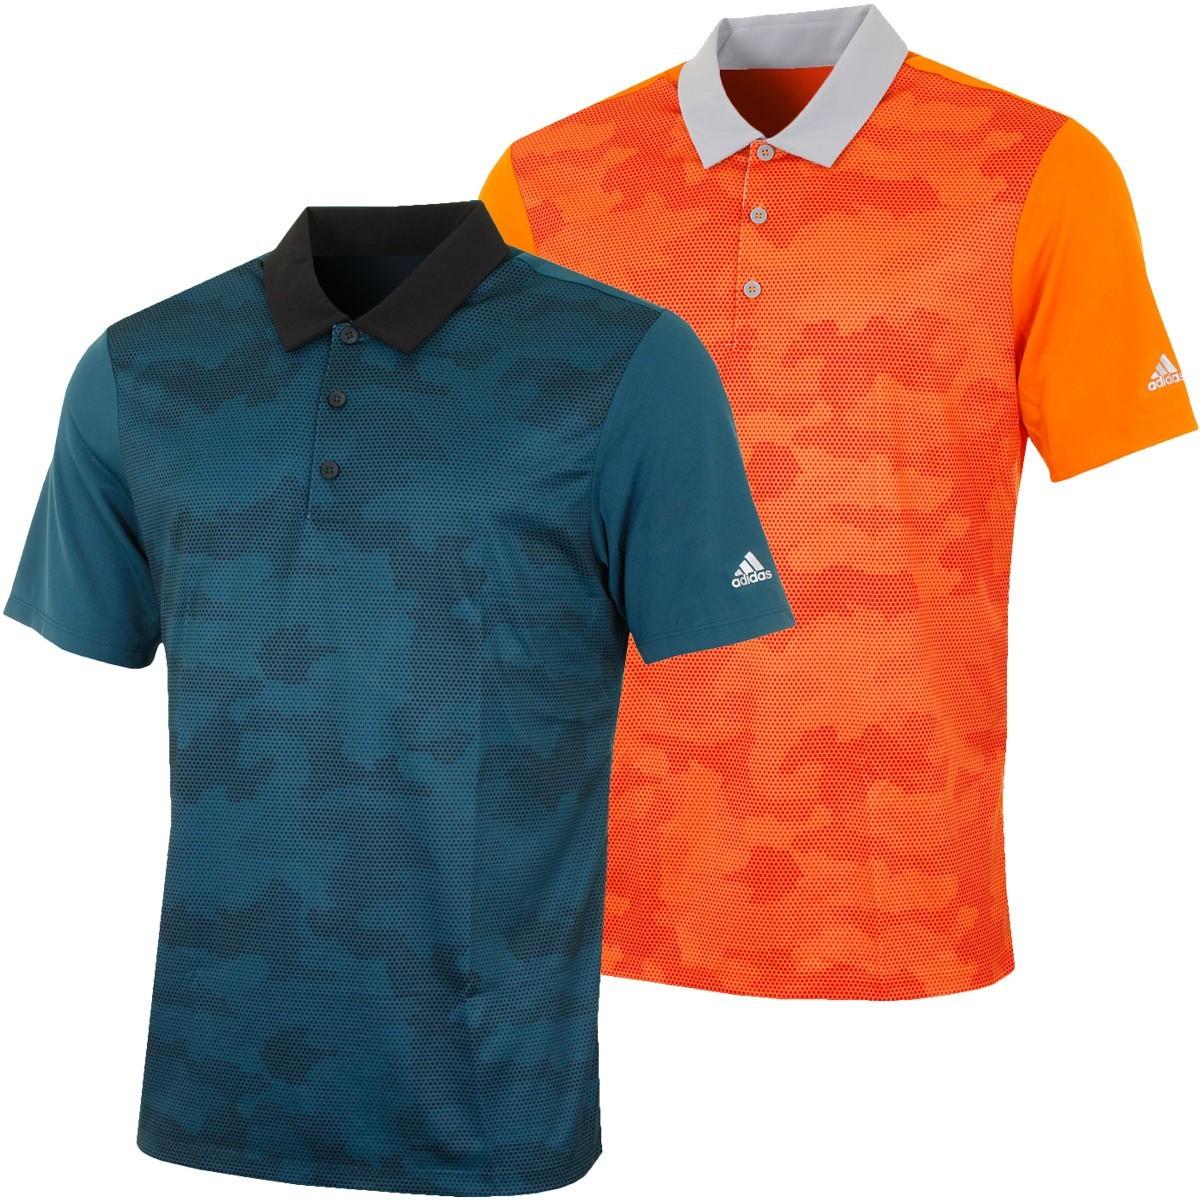 Adidas golf mens climacool camo polo shirt for Camo polo shirts for men